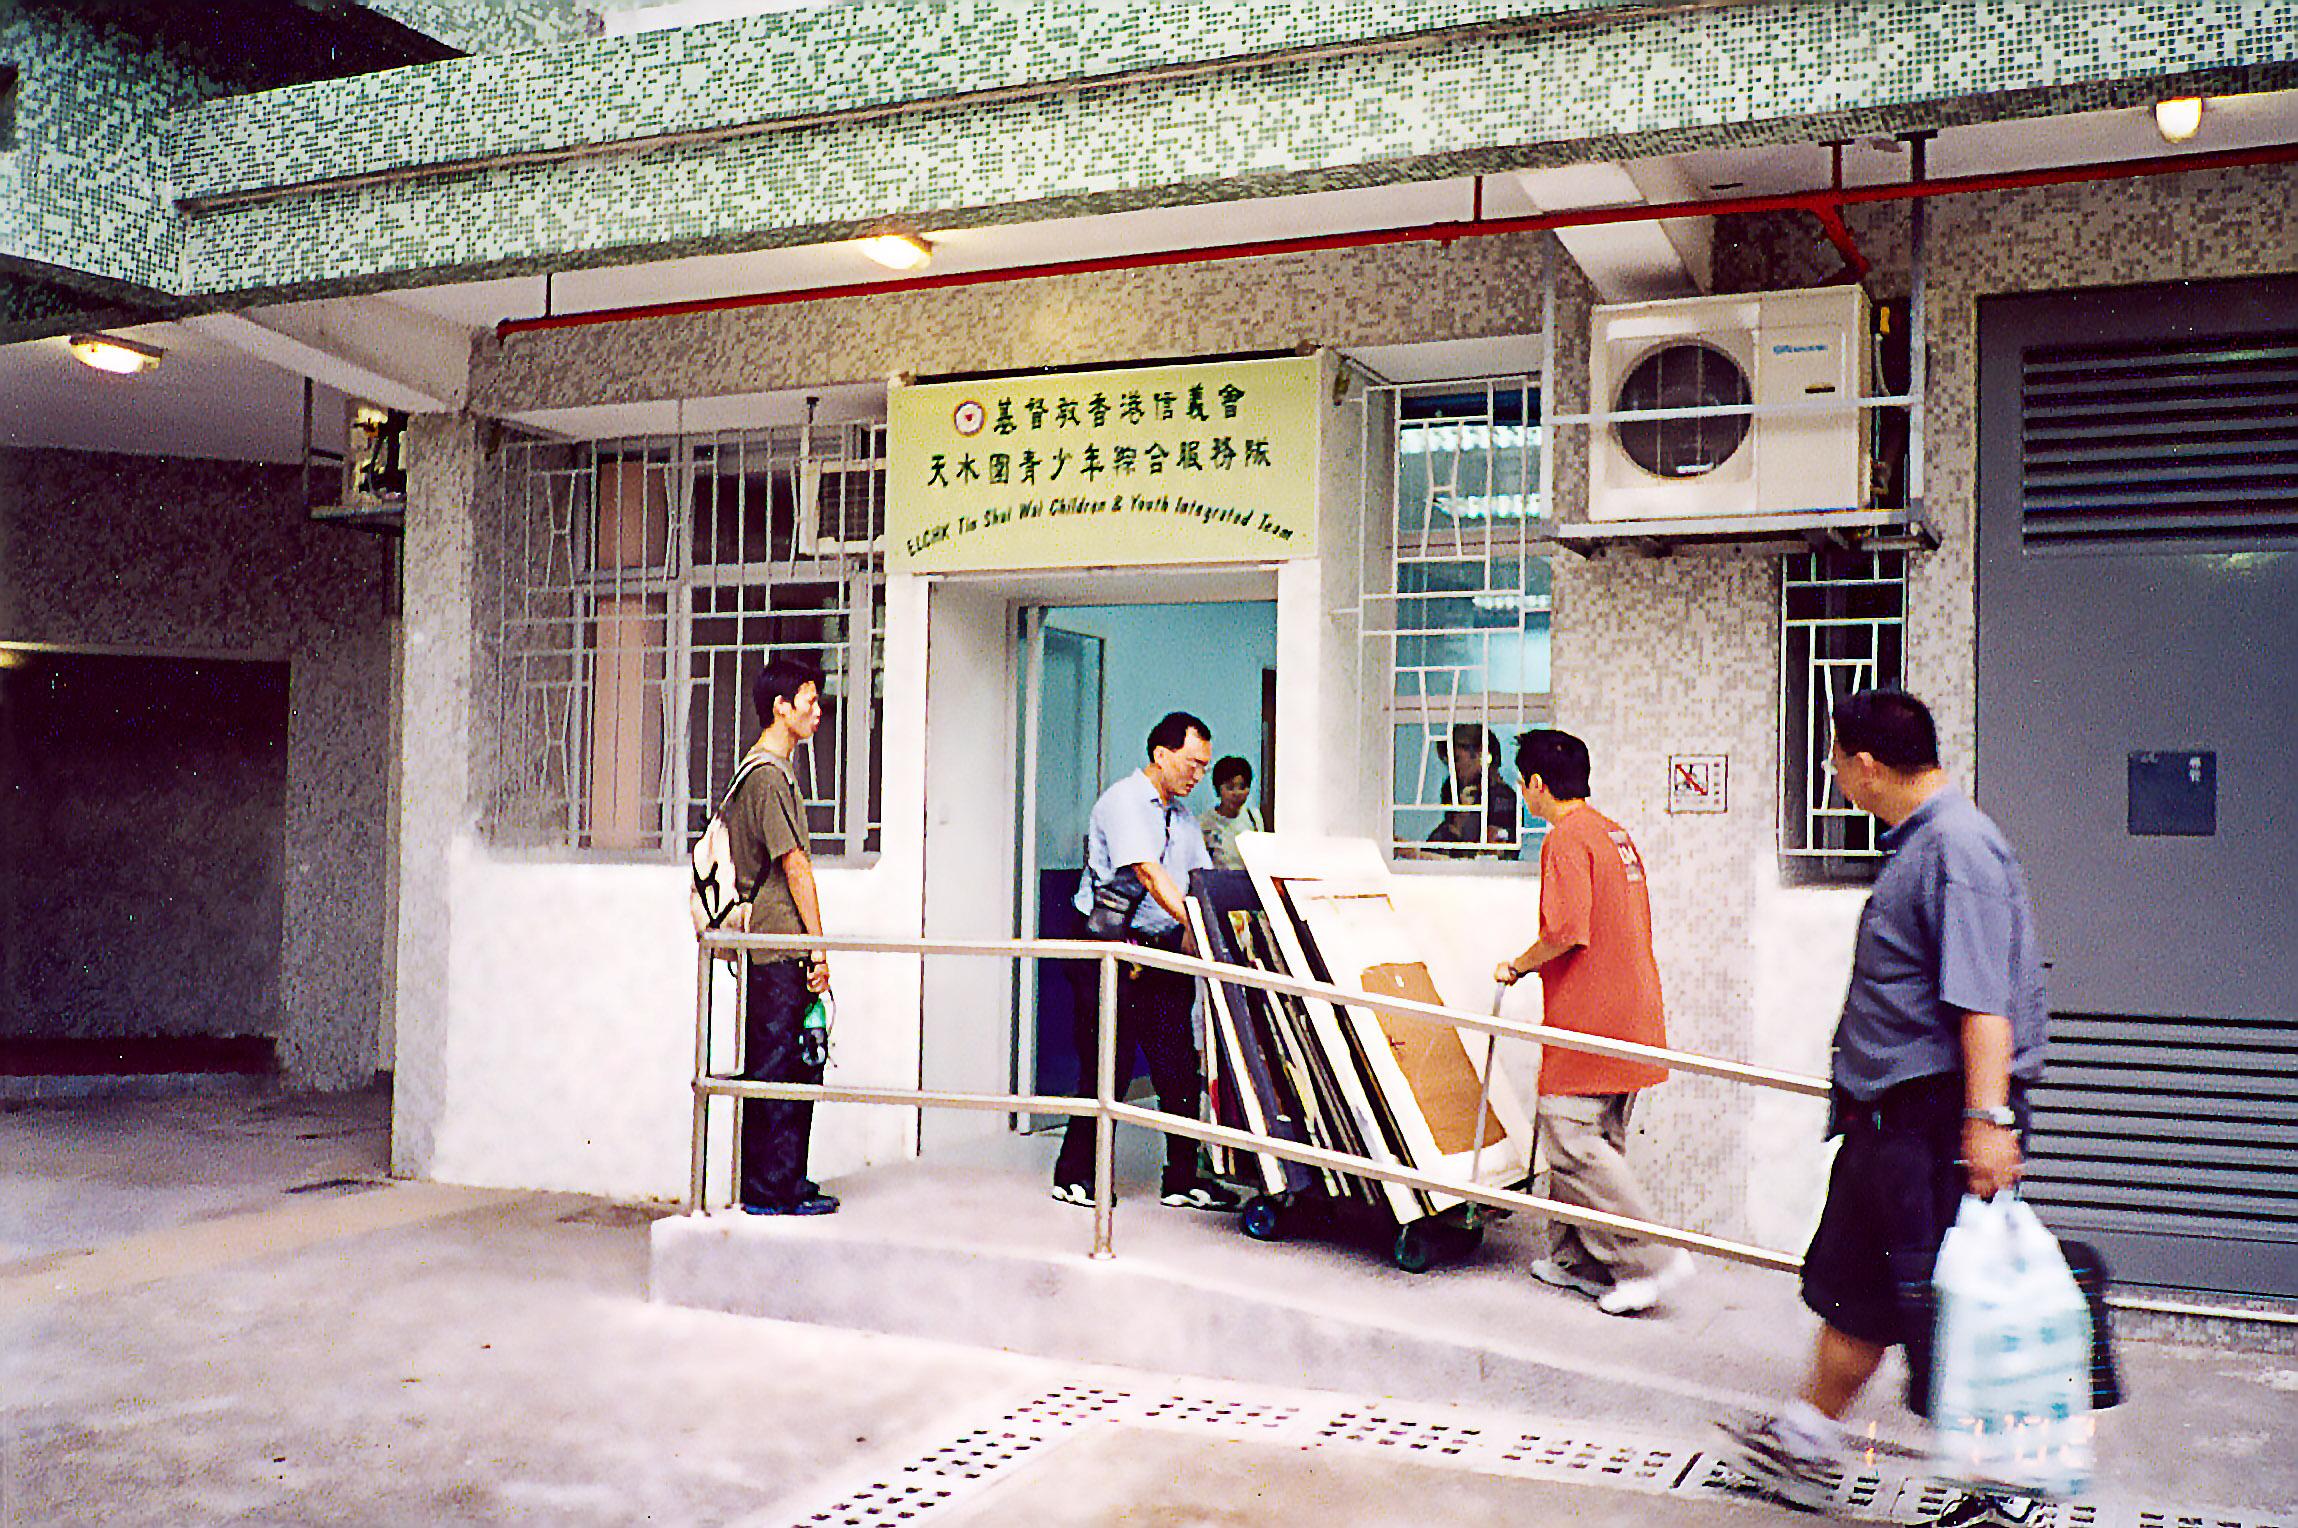 2002_基督教香港信義會天水圍青少年綜合服務_2